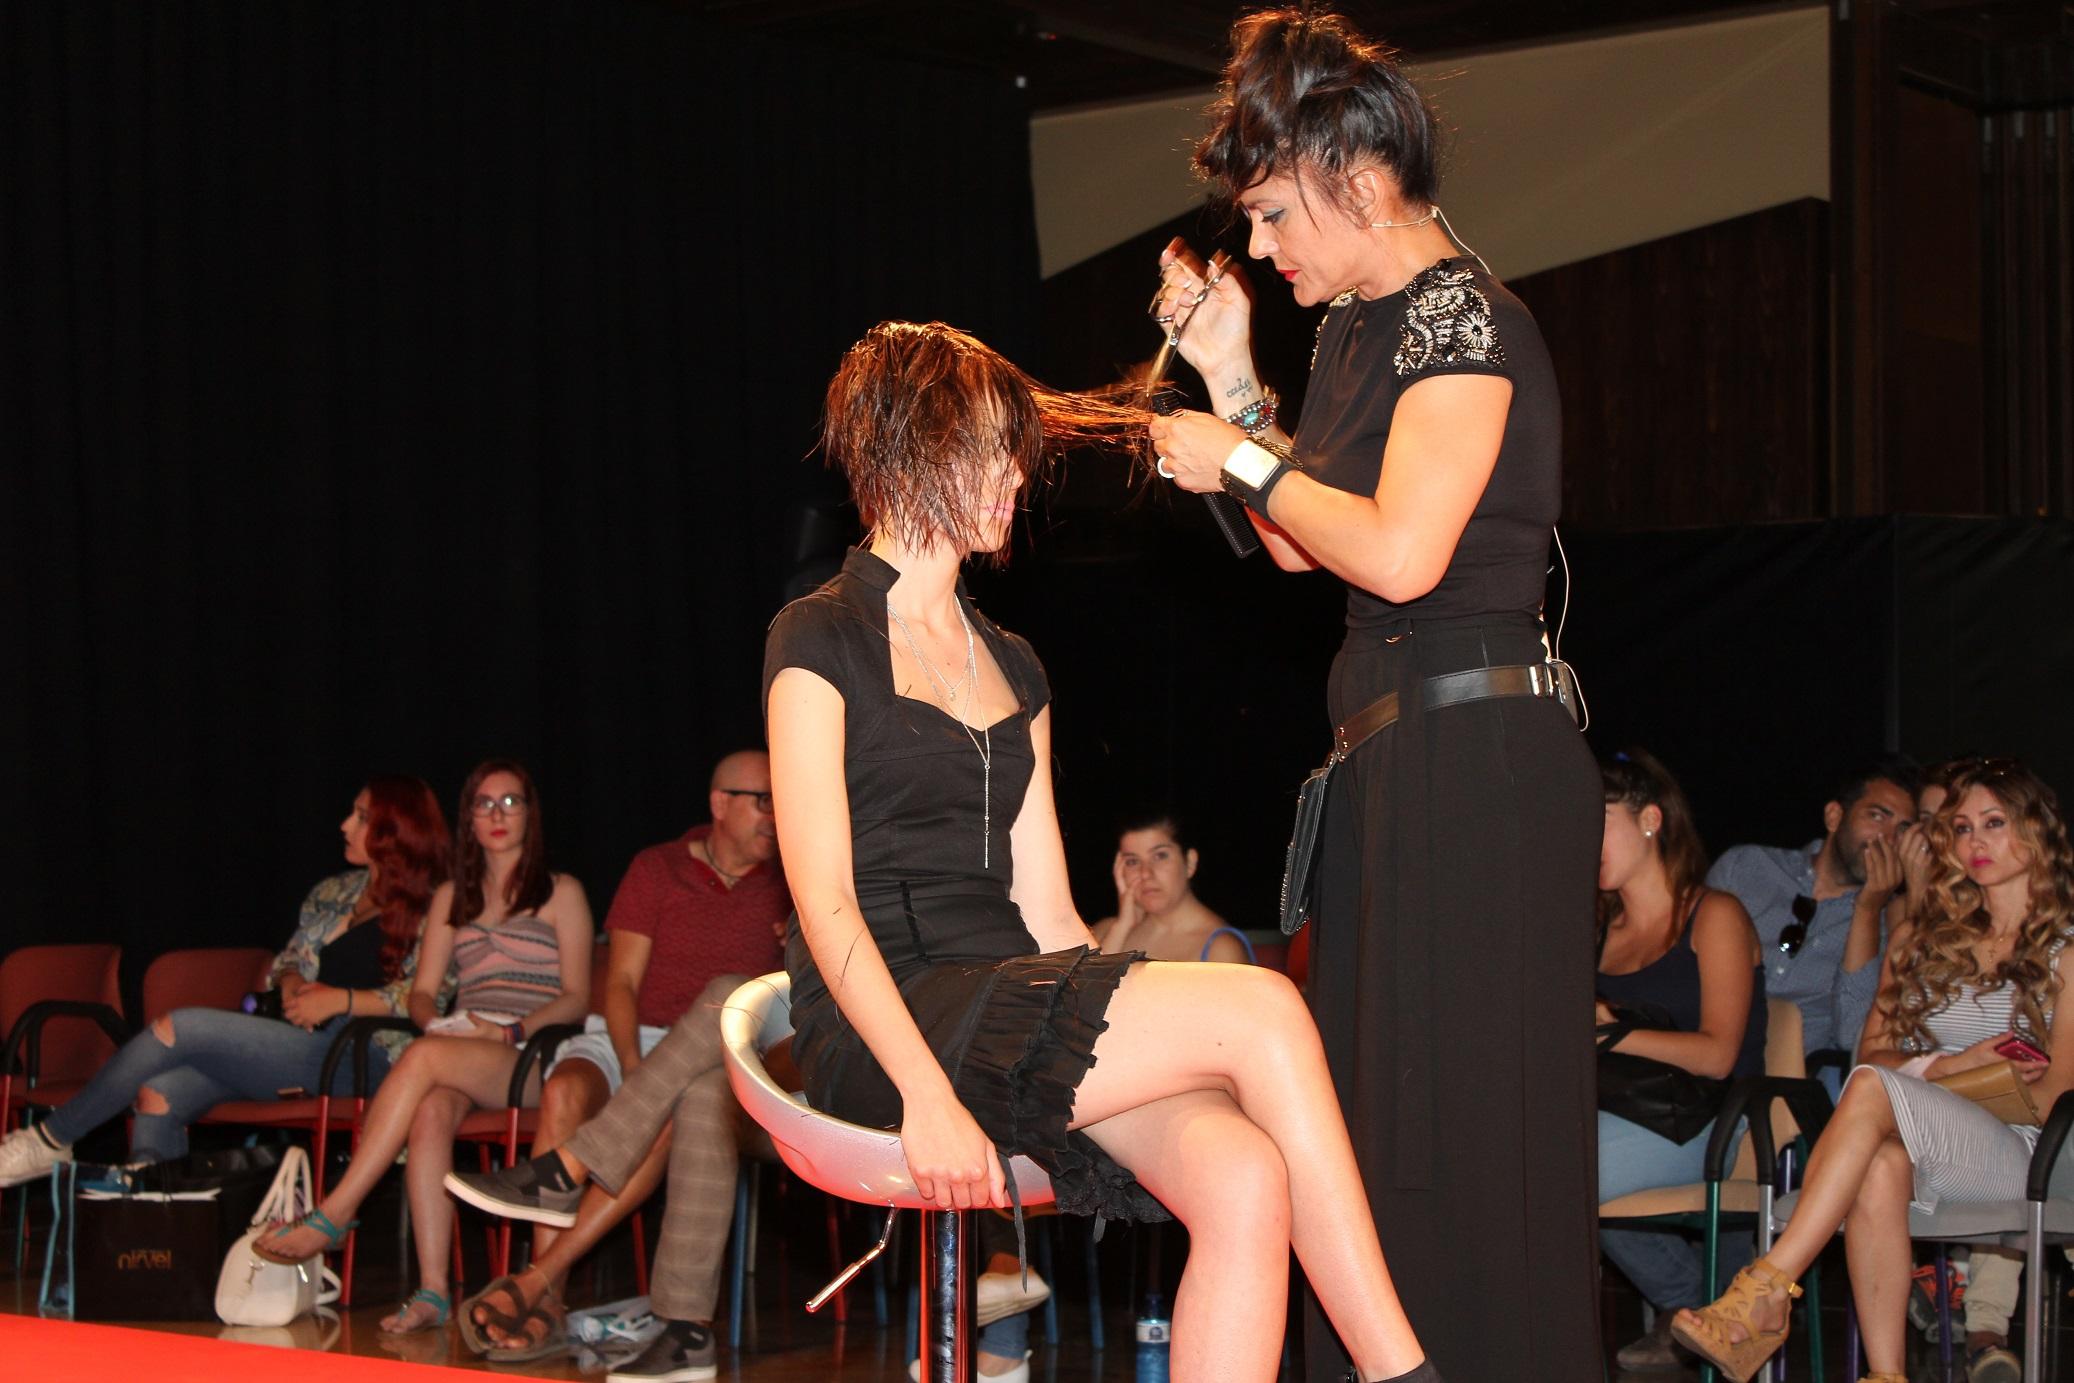 Show Anna Romero @ Estilo MLG www.arianasoffici.com